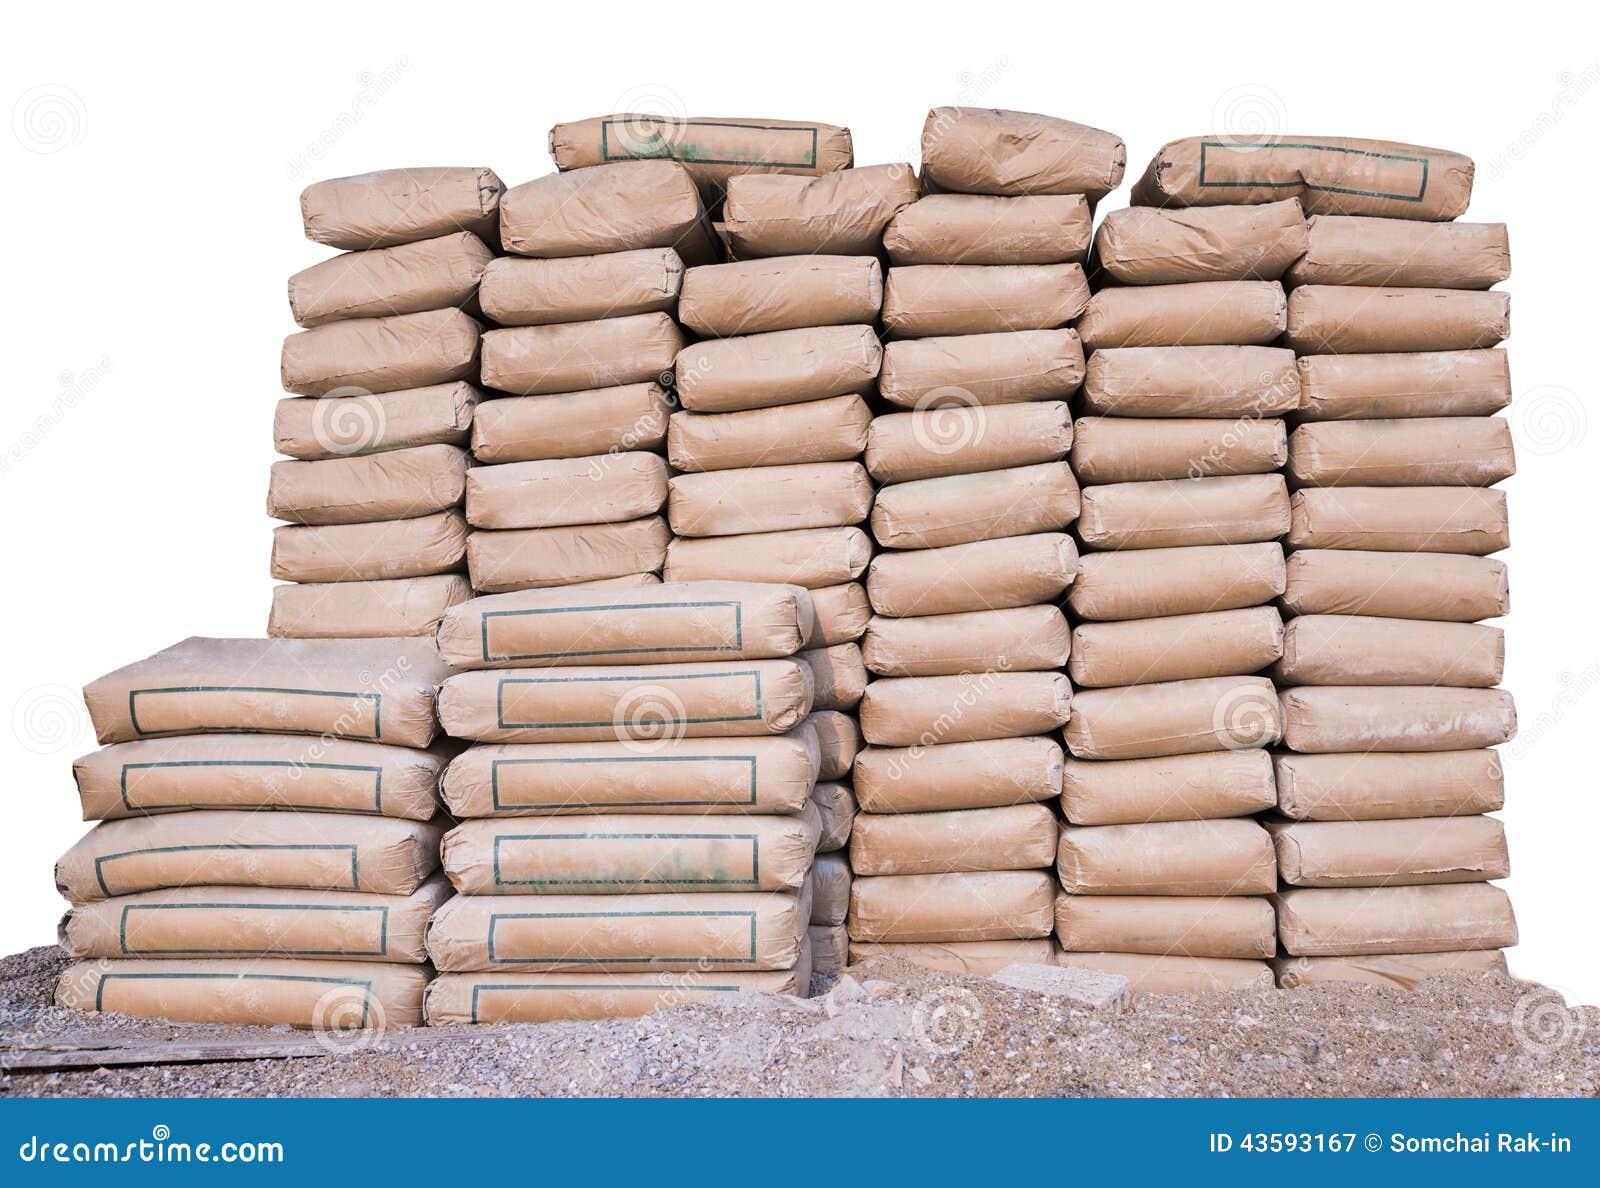 pile de ciment dans les sacs d 39 une mani re ordonn e empil e pour un projet de construction. Black Bedroom Furniture Sets. Home Design Ideas